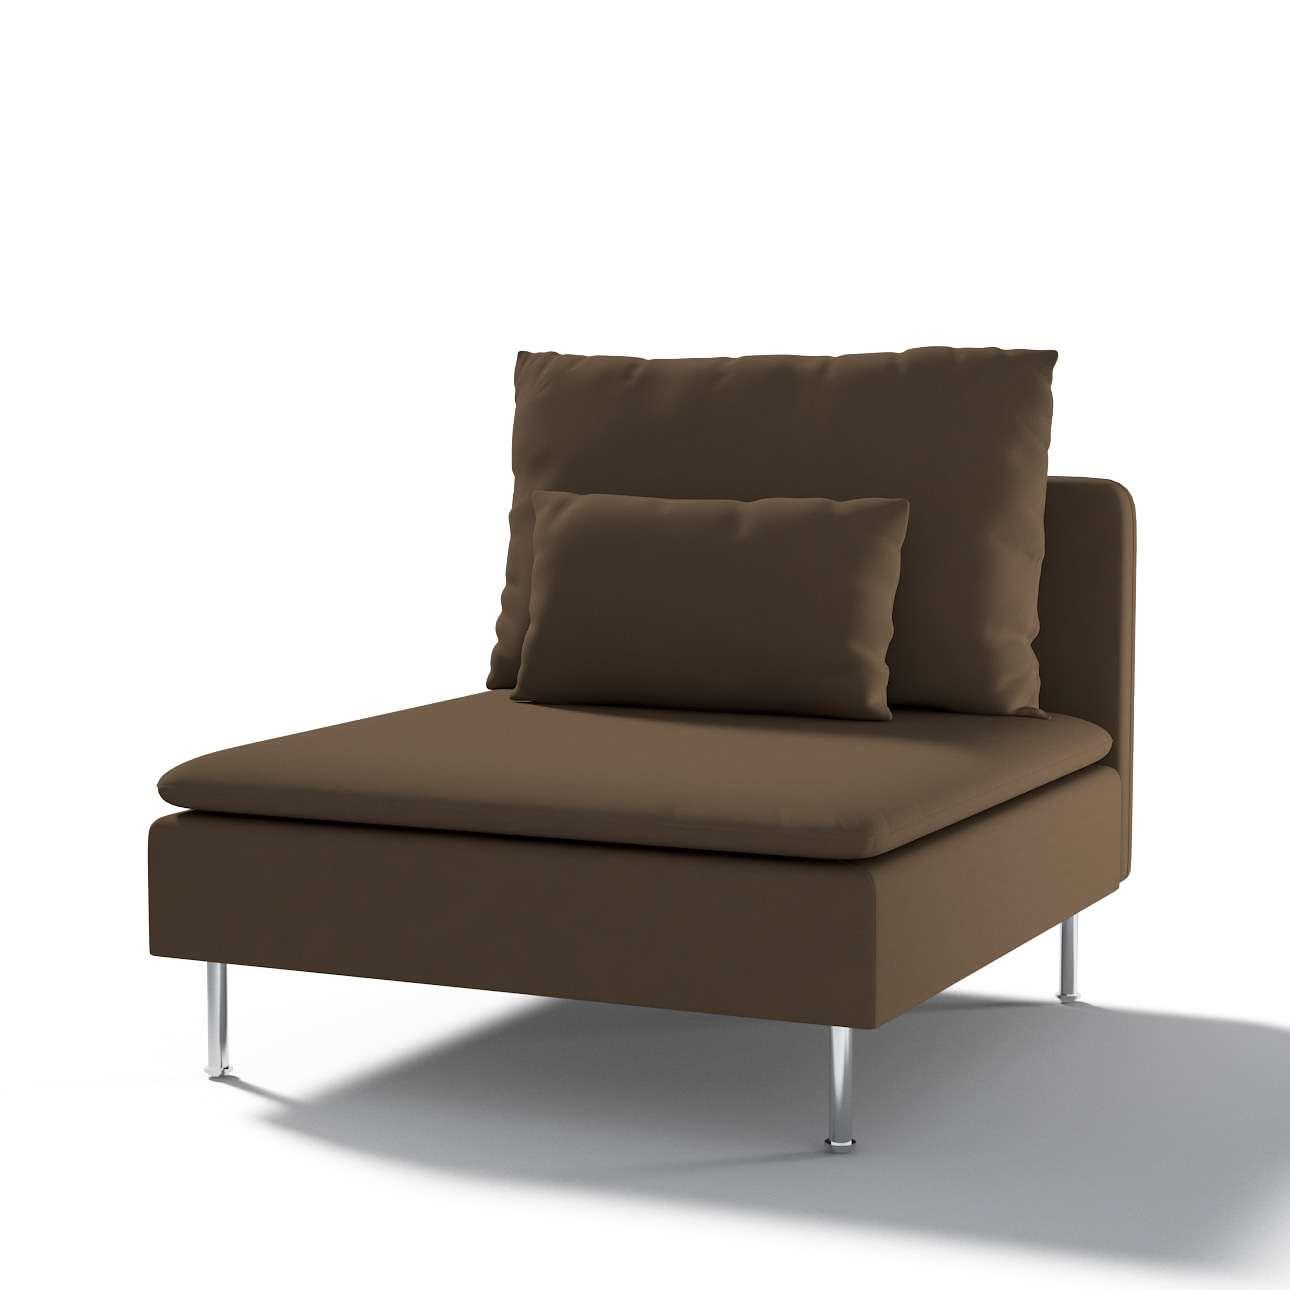 Bezug für Söderhamn Sitzelement 1 von der Kollektion Cotton Panama, Stoff: 702-02